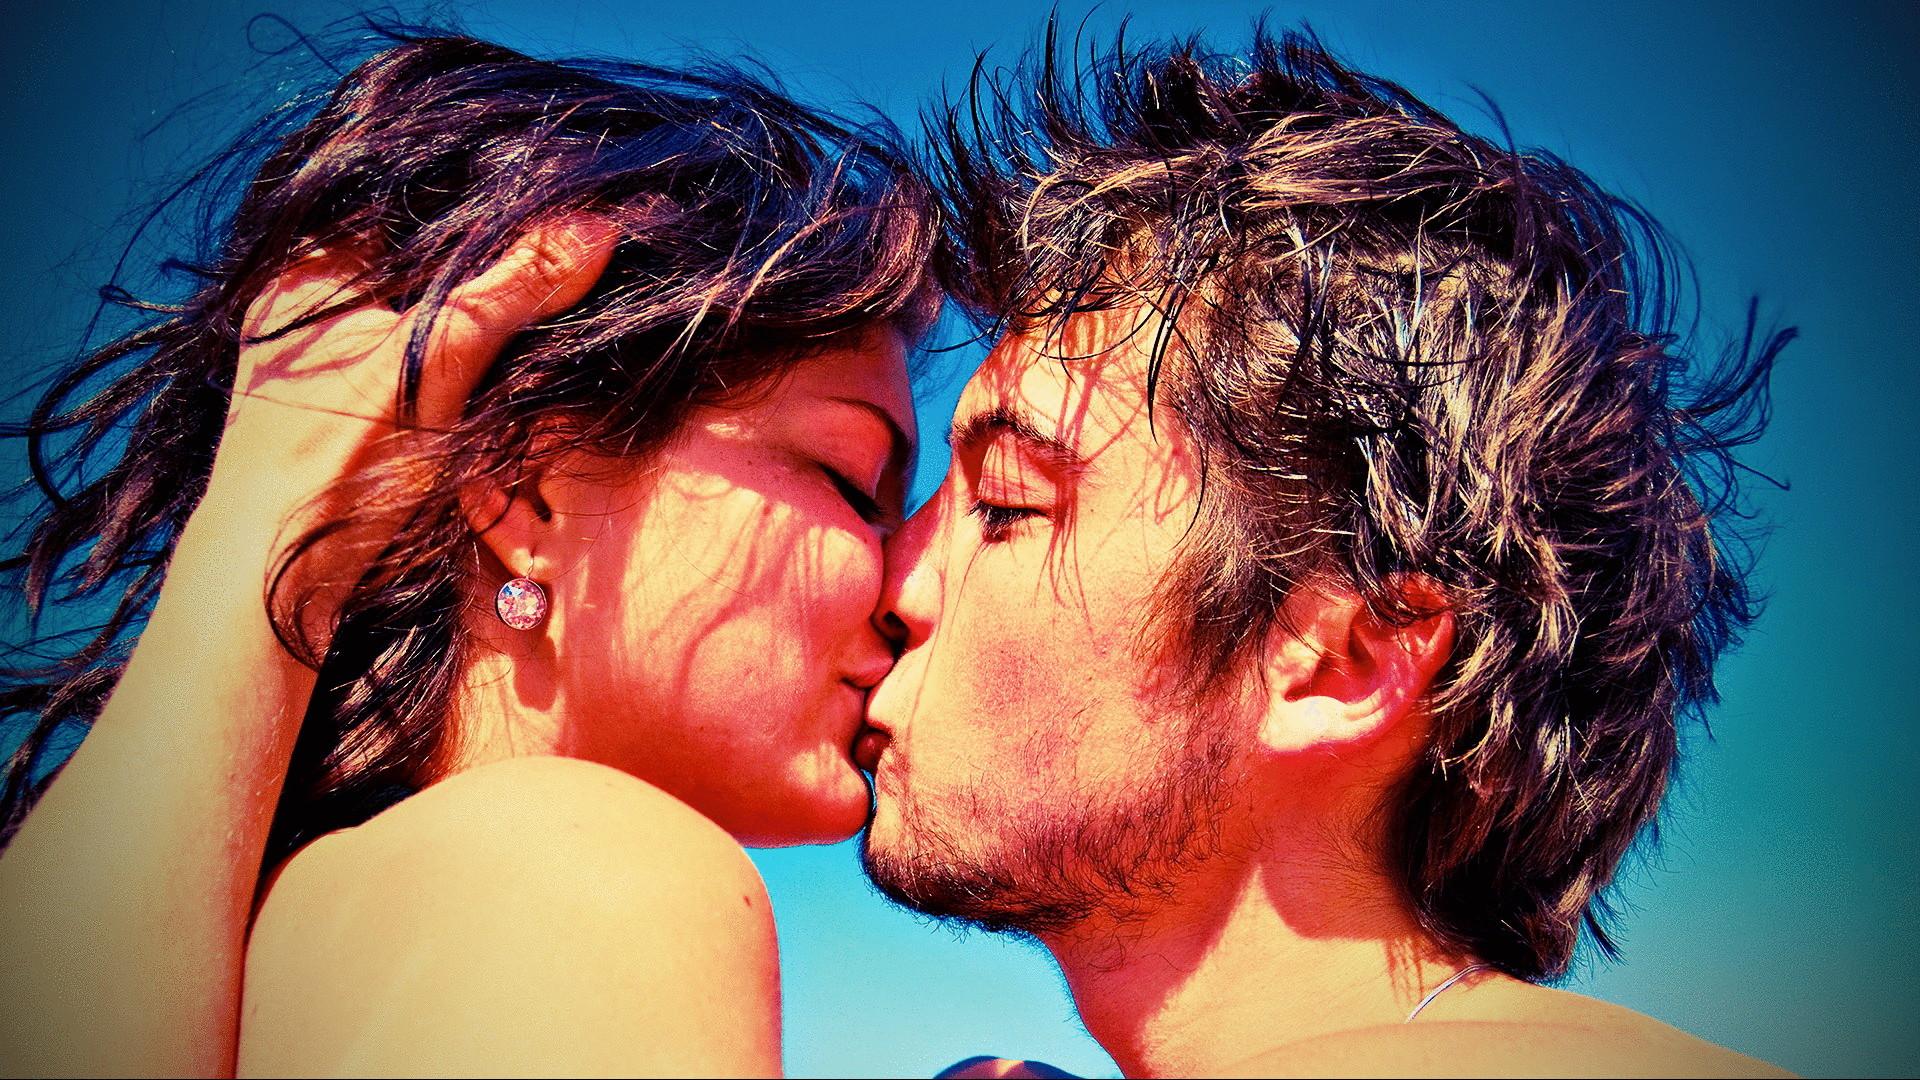 поцелуй калории Сколько калорий забирает поцелуй?